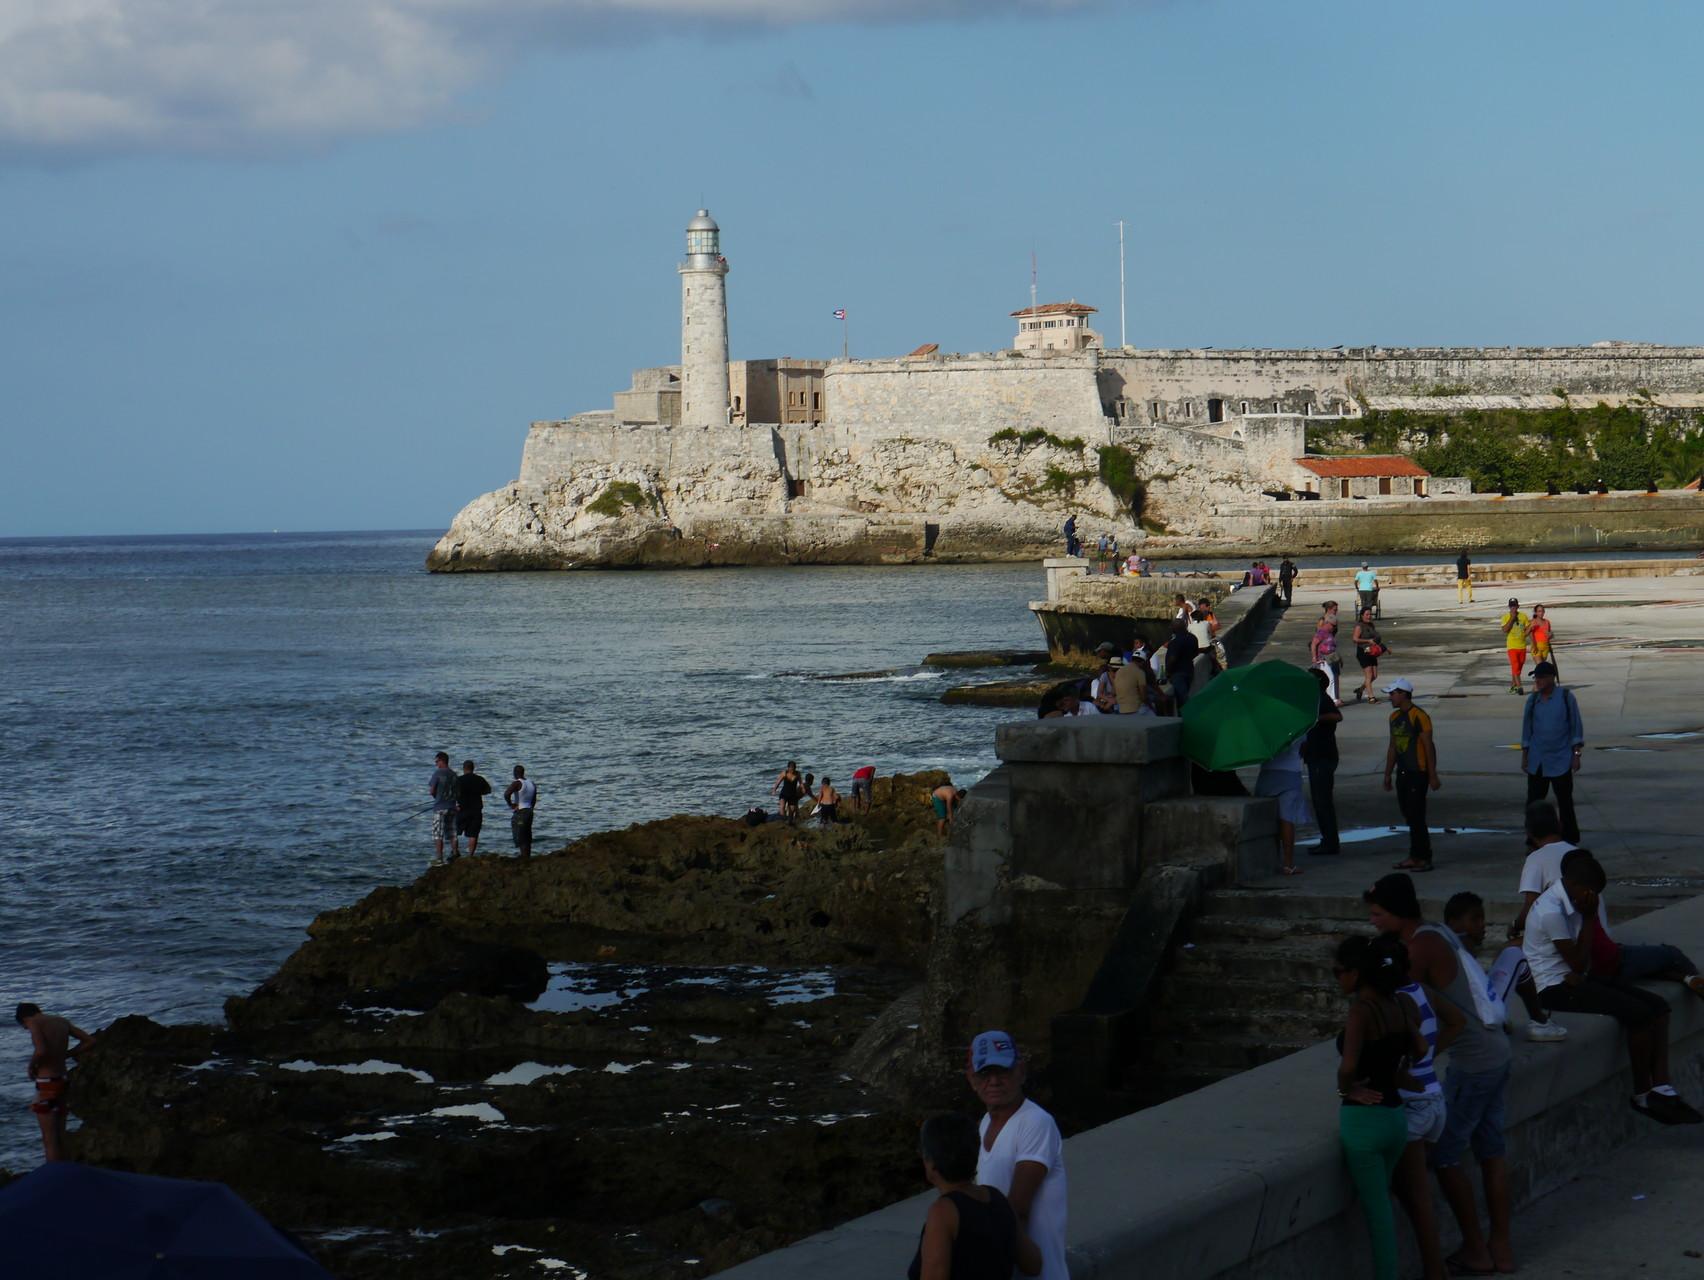 Castillo de los Tres Reyes del Morro (Festung El Morro)